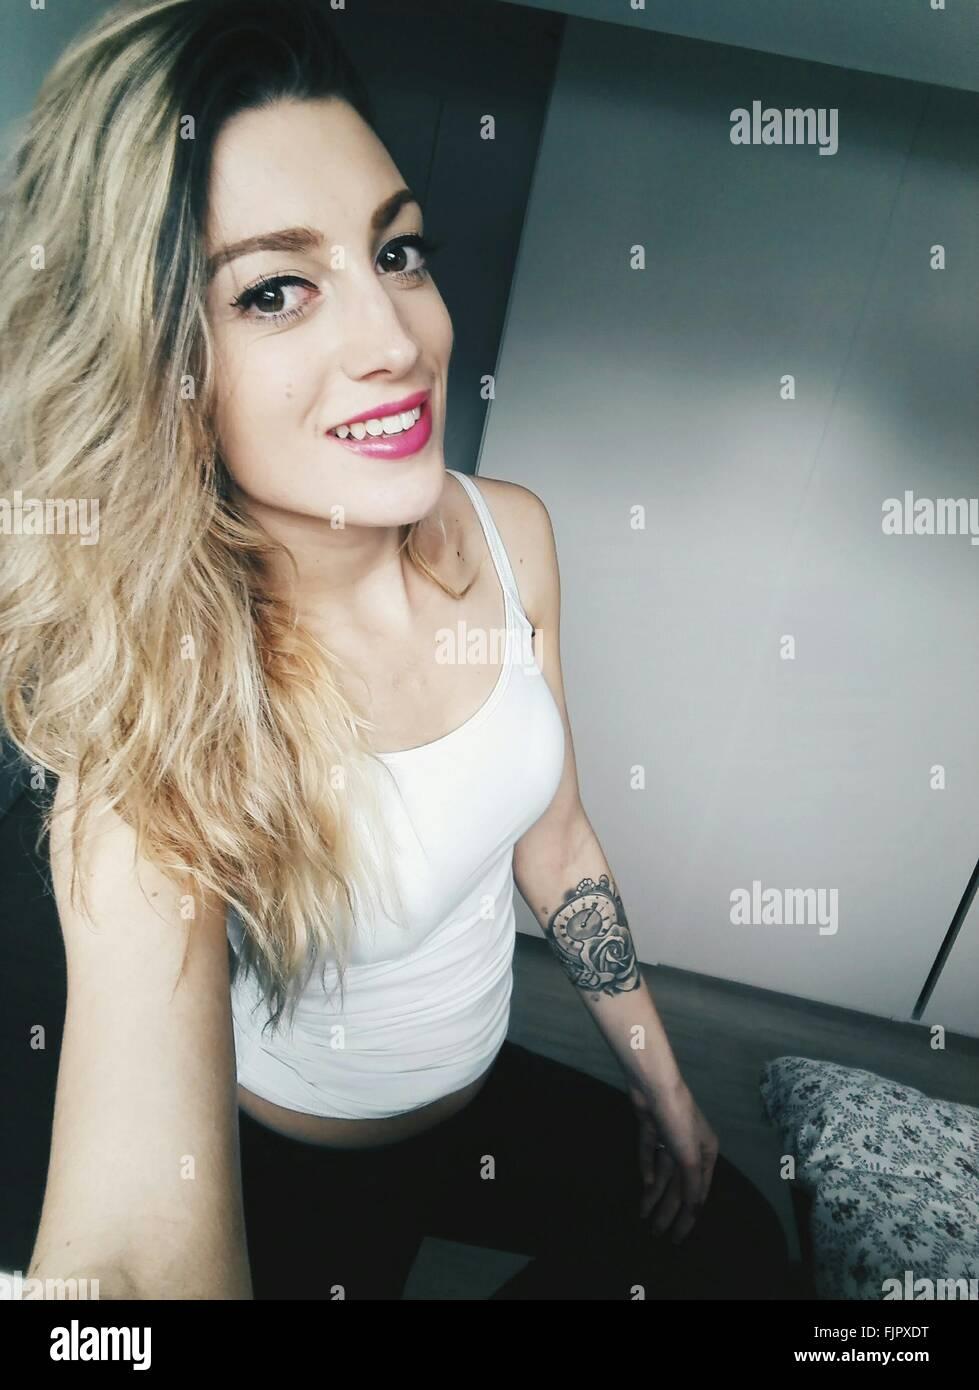 Retrato de hermosa mujer sonriente vistiendo camisetas sin mangas en casa permanente Imagen De Stock